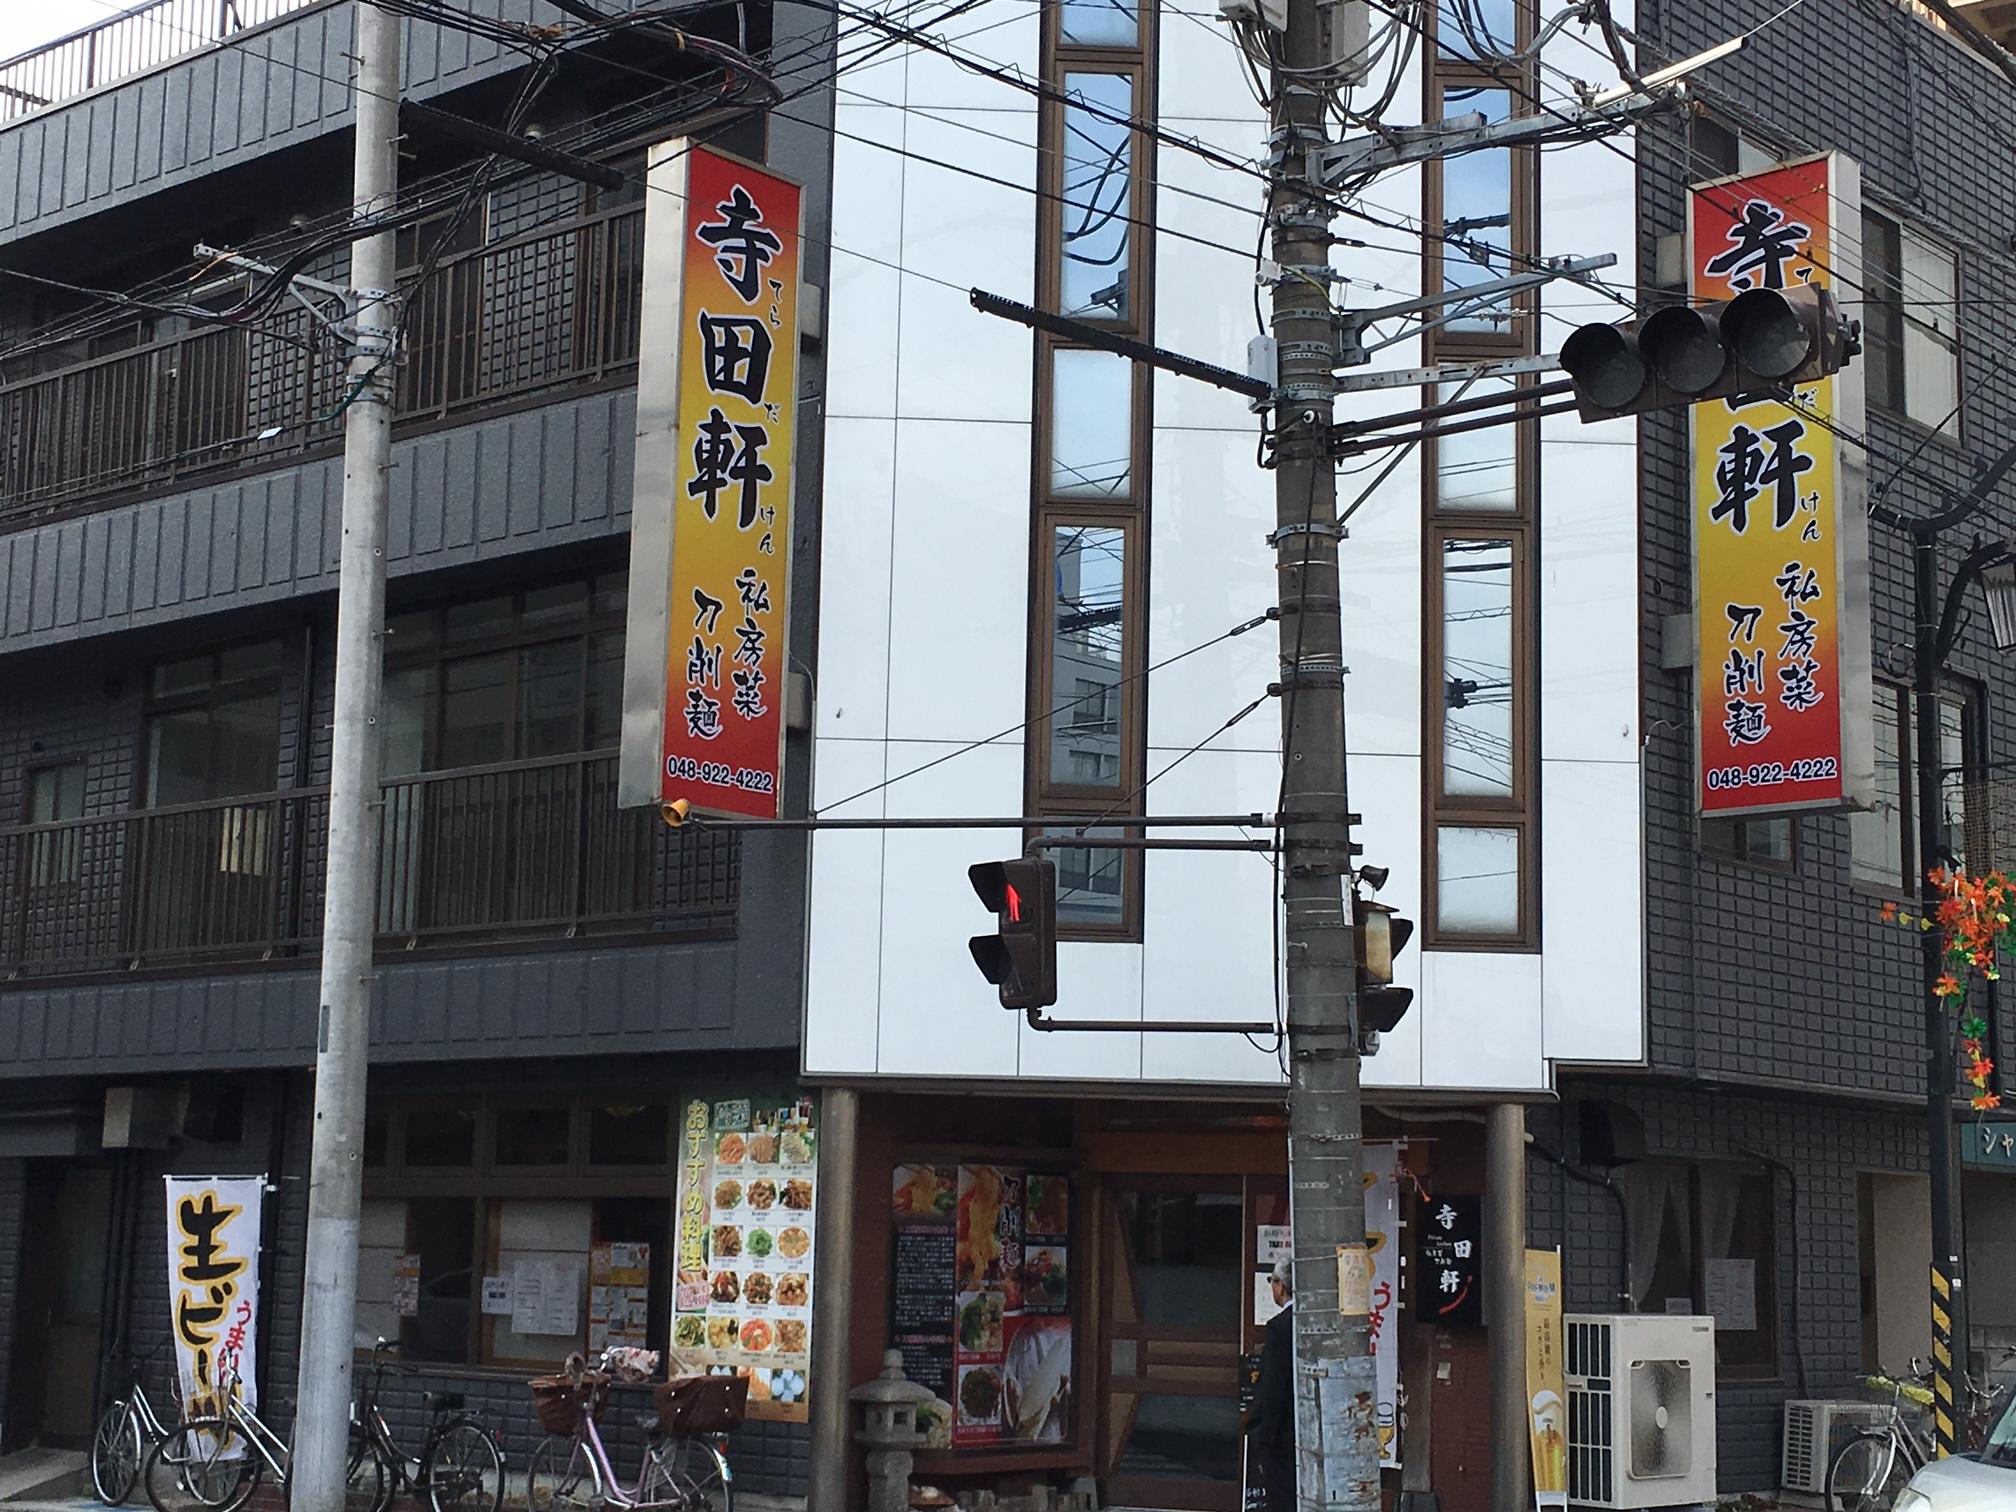 寺田軒 (埼玉県草加市、刀削麺・中華料理)